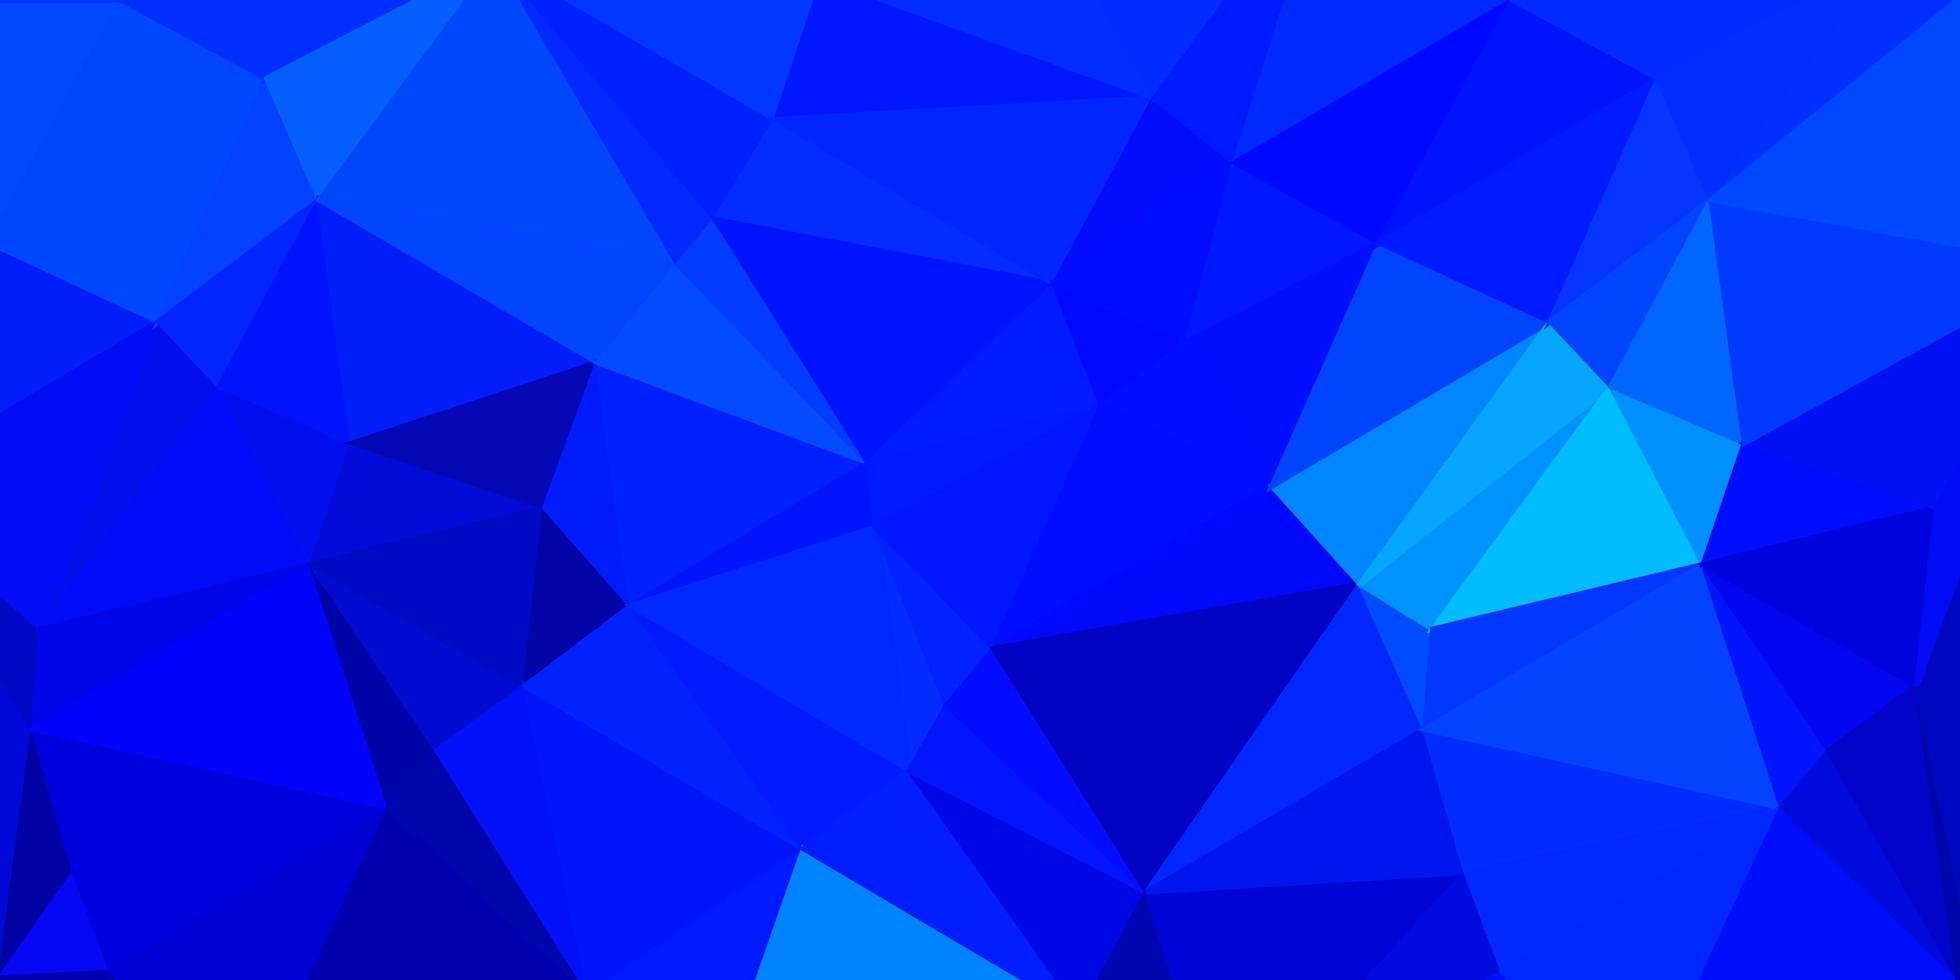 lichtblauwe vector kleurovergang veelhoek textuur.